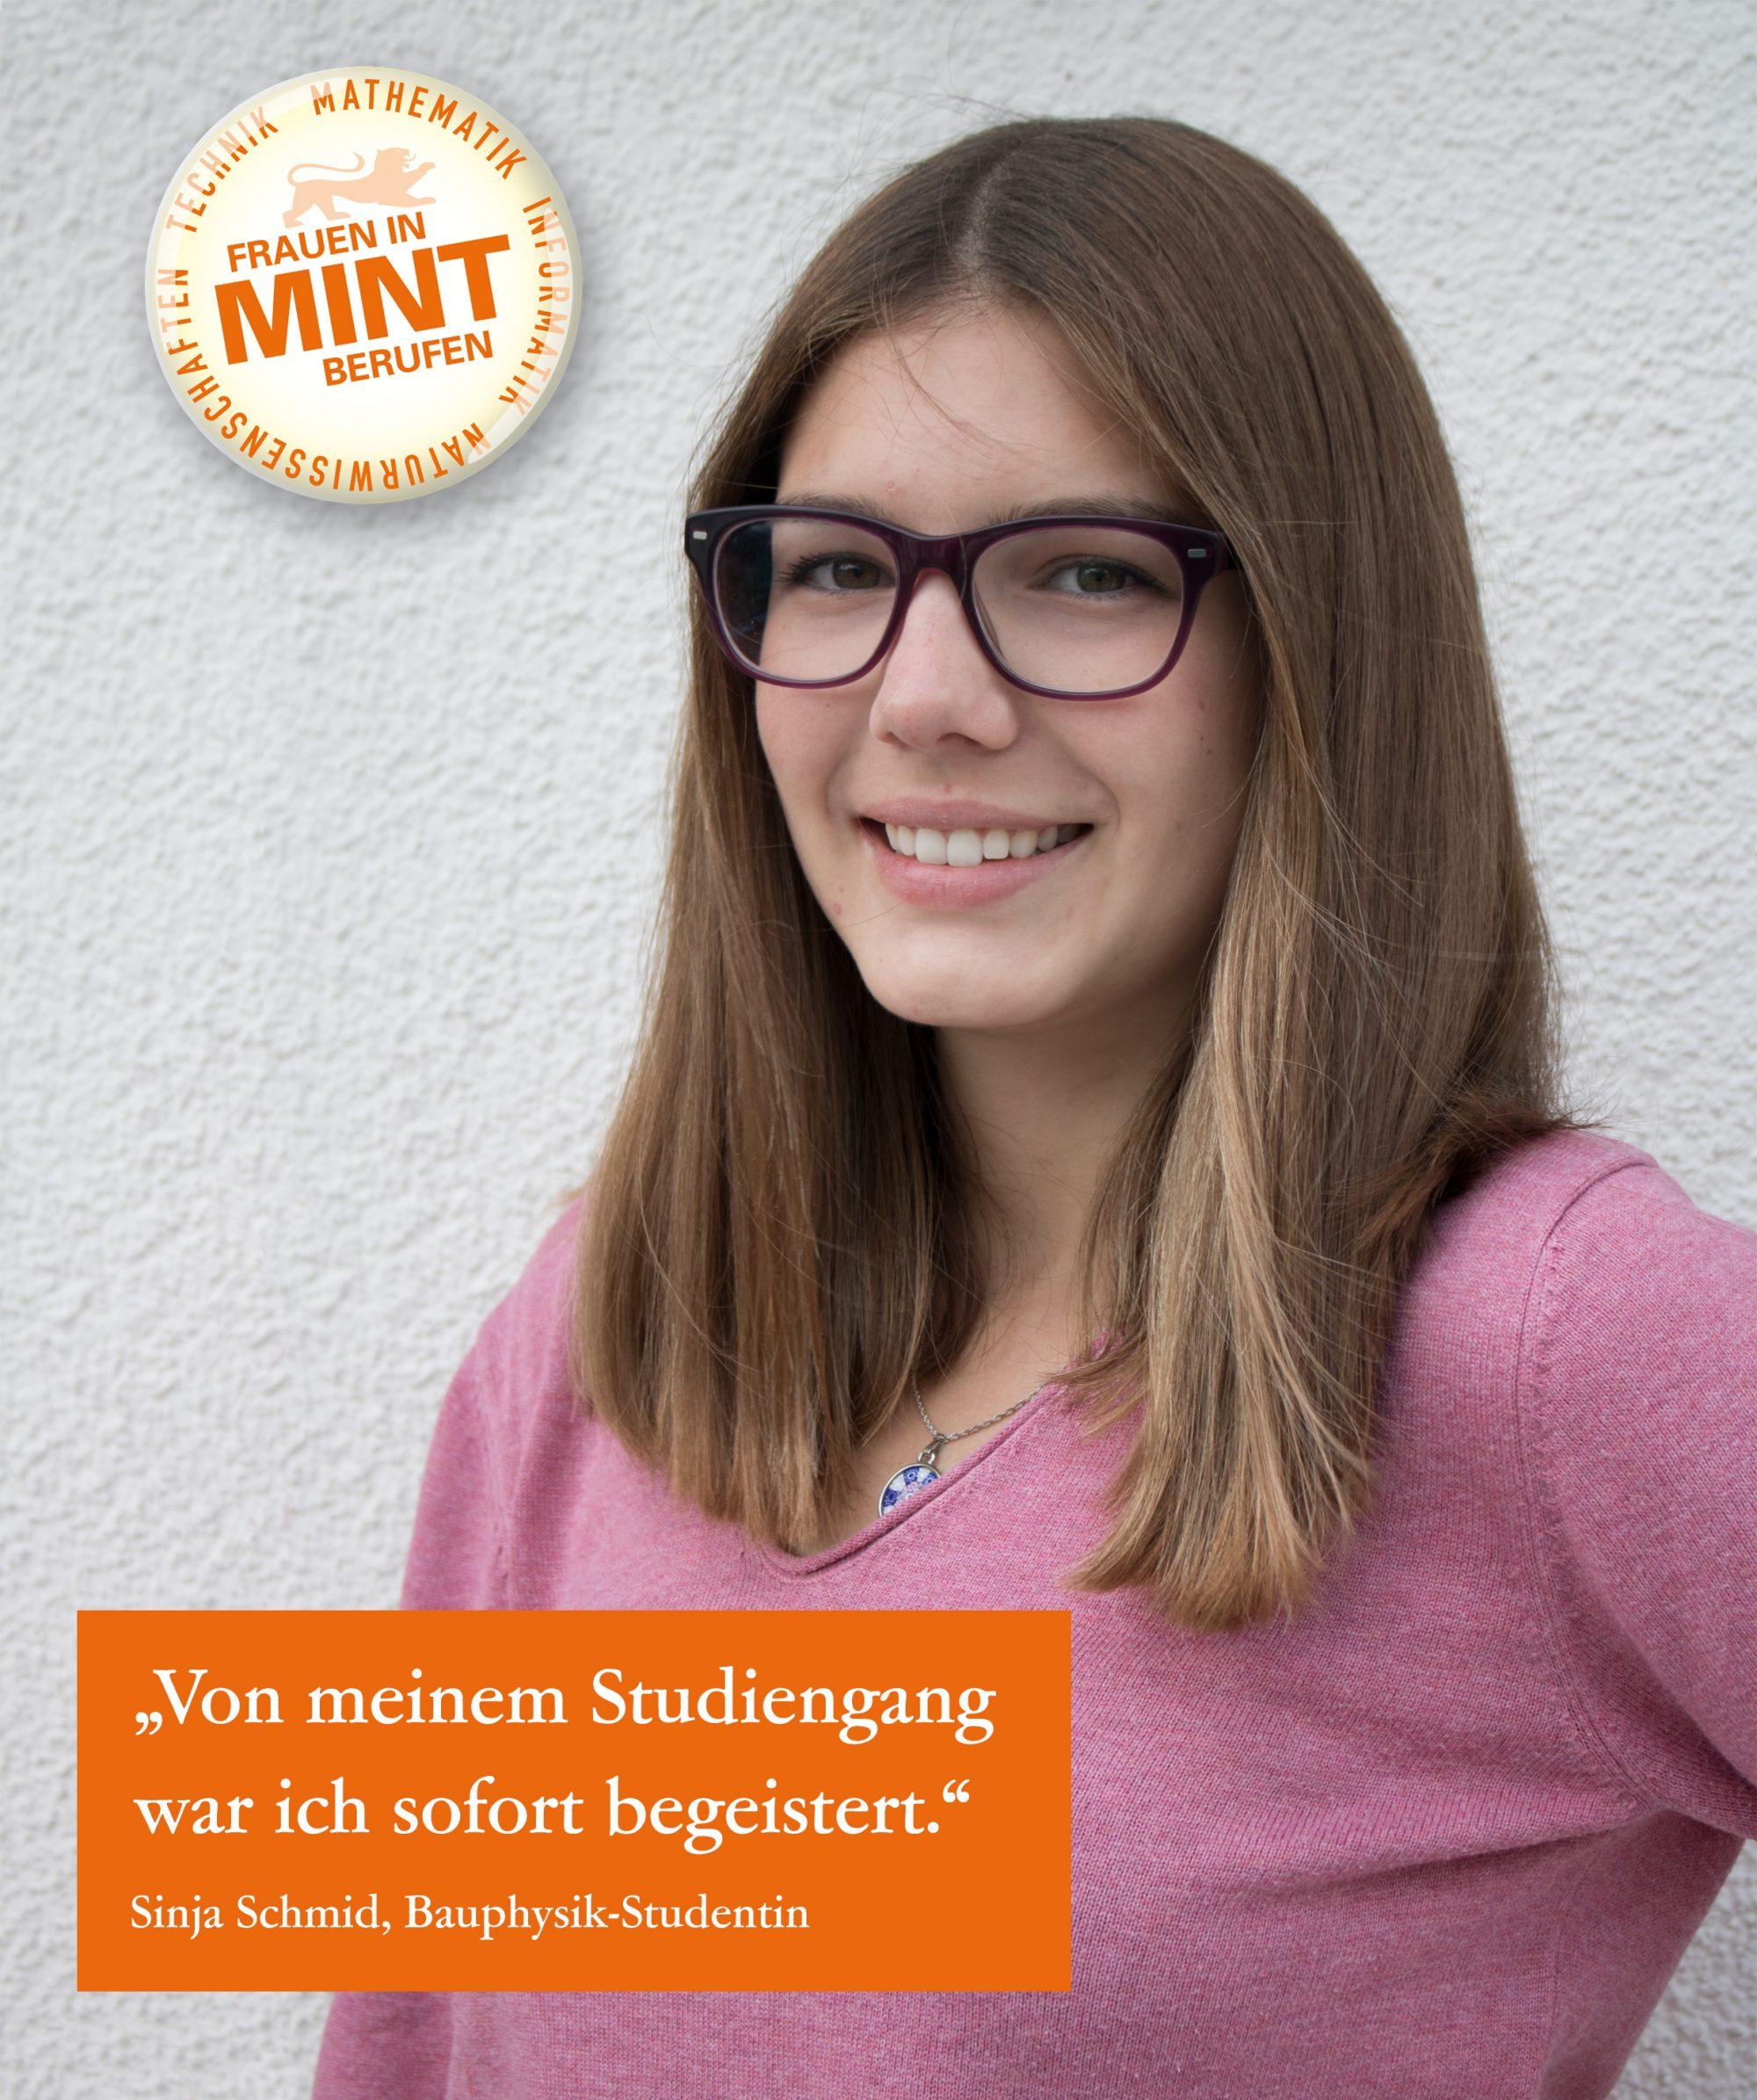 Die Bauphysik-Studentin Sinja Schmid lächelt in die Kamera. Im Bild ist ein Zitat von ihr eingeblendet: Von meinem Studiengang war ich sofort begeistert.